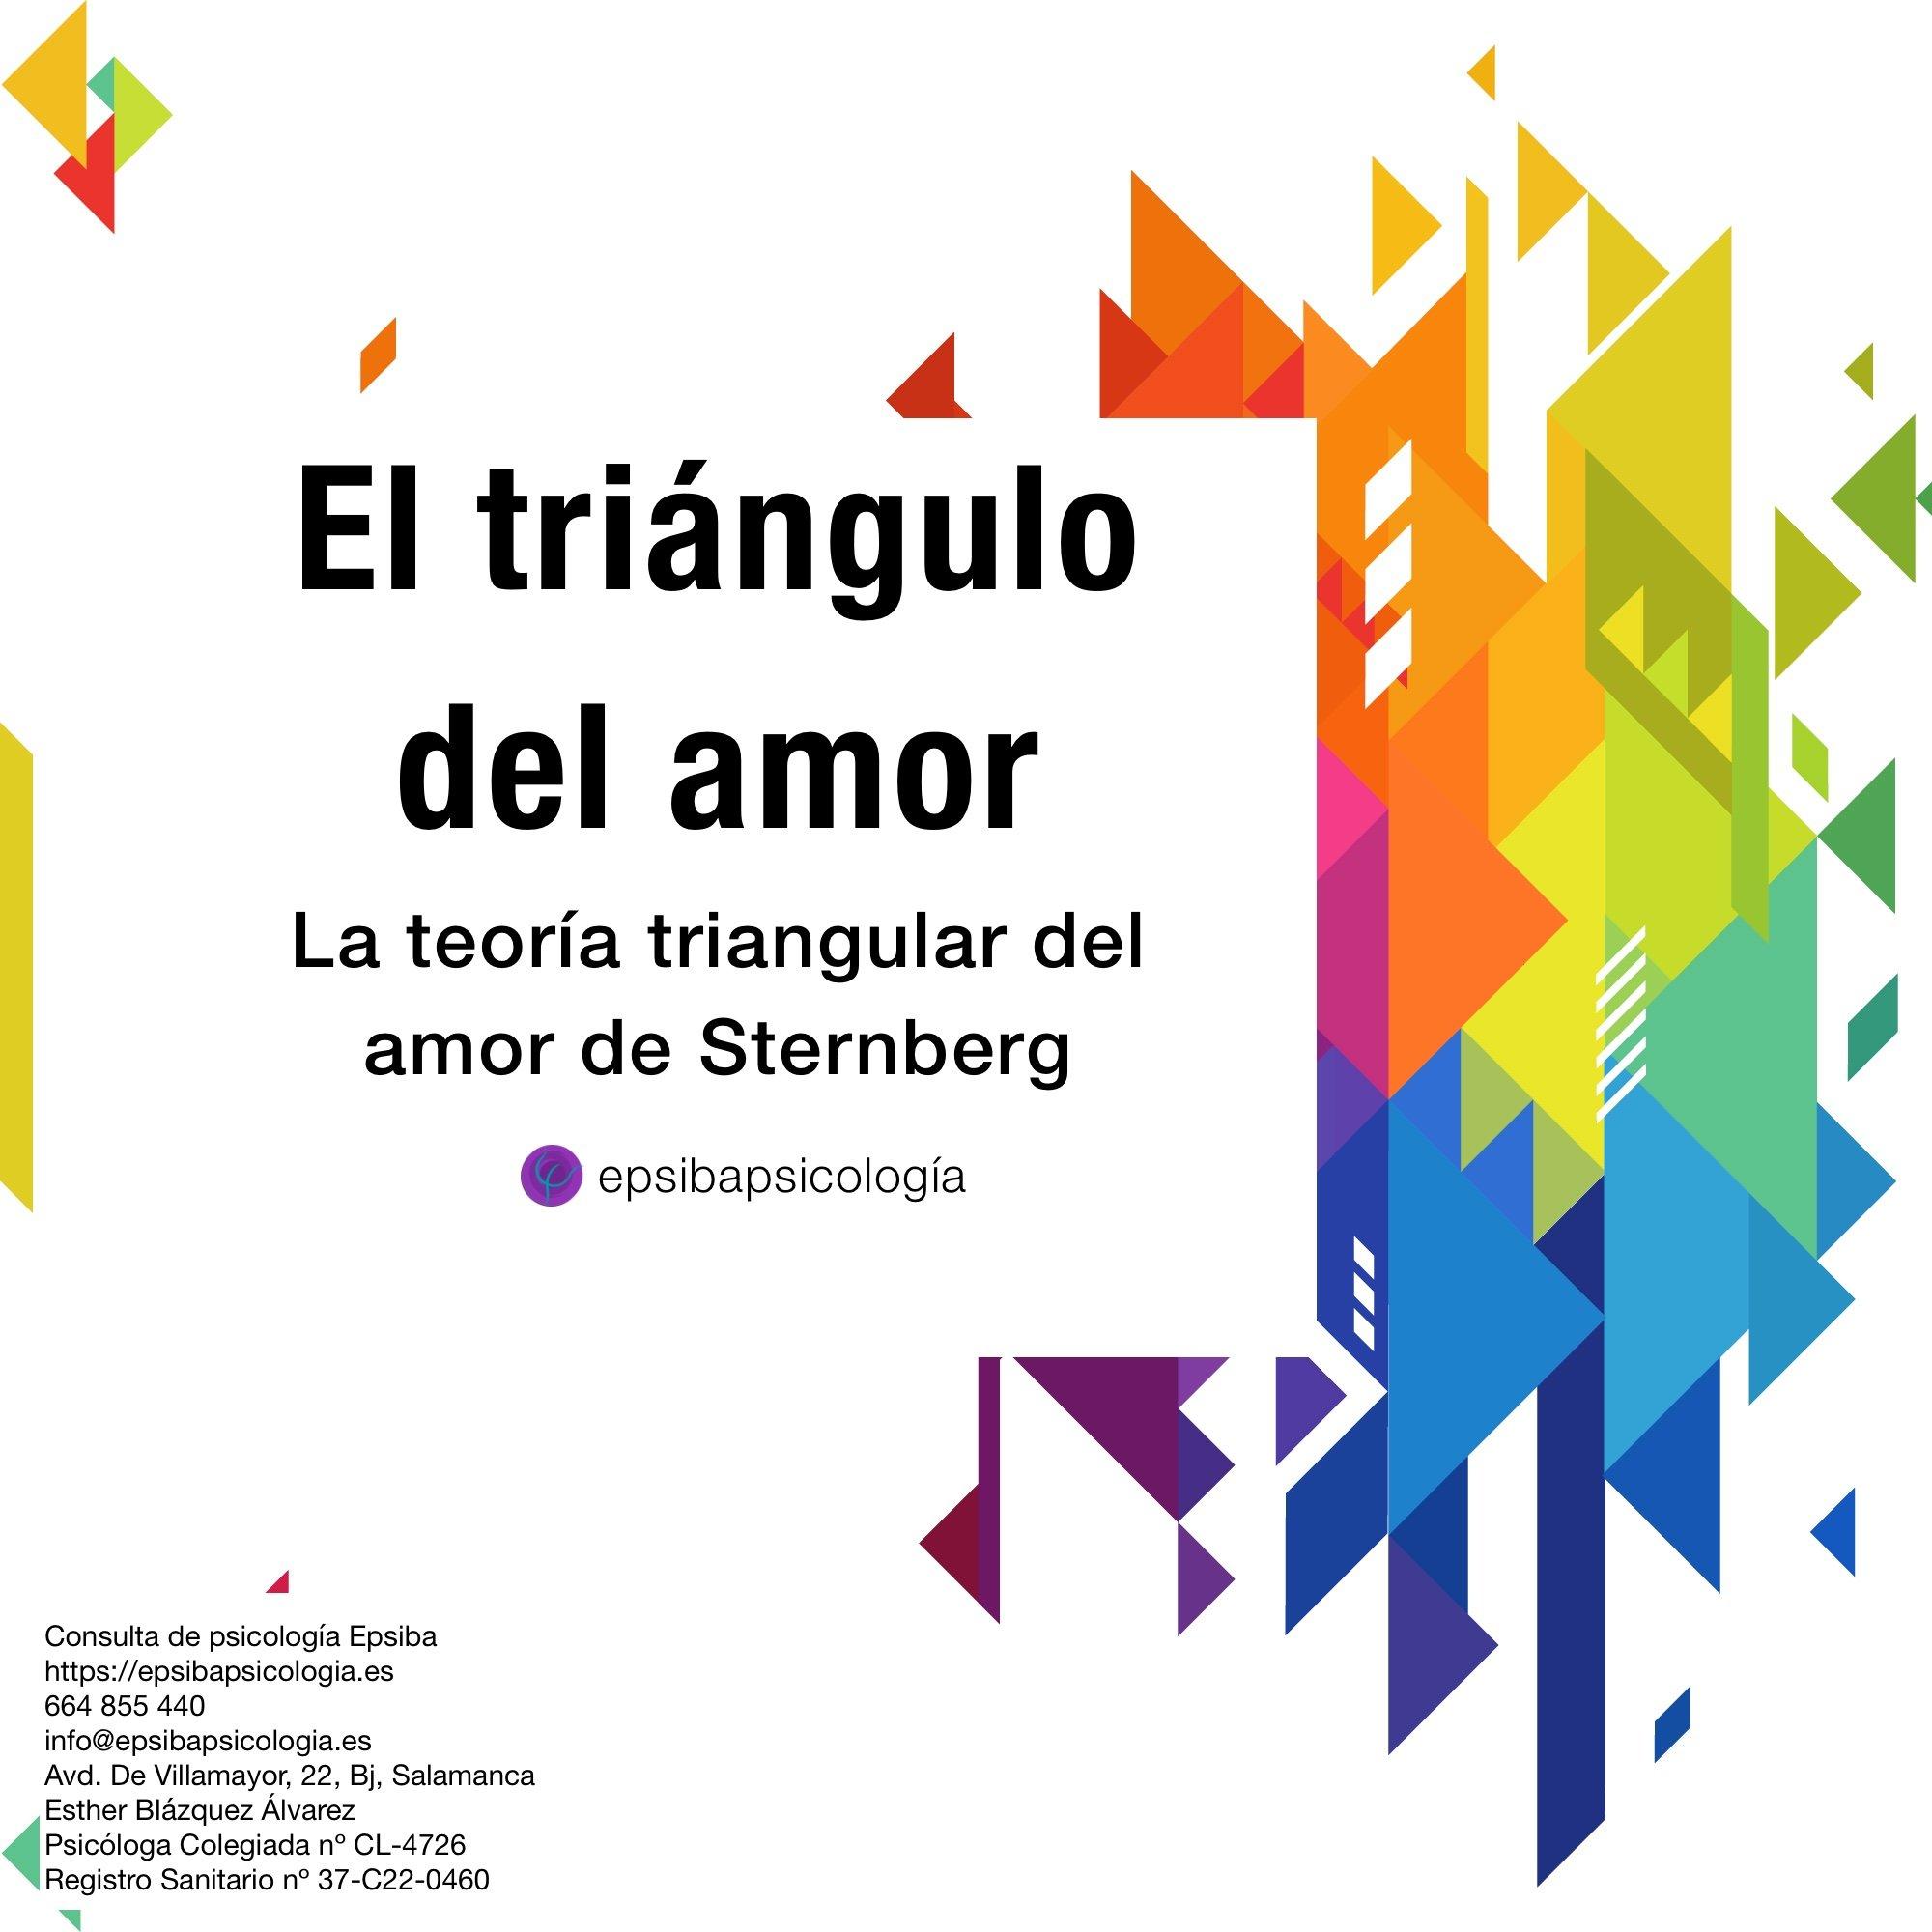 triangulo del amor